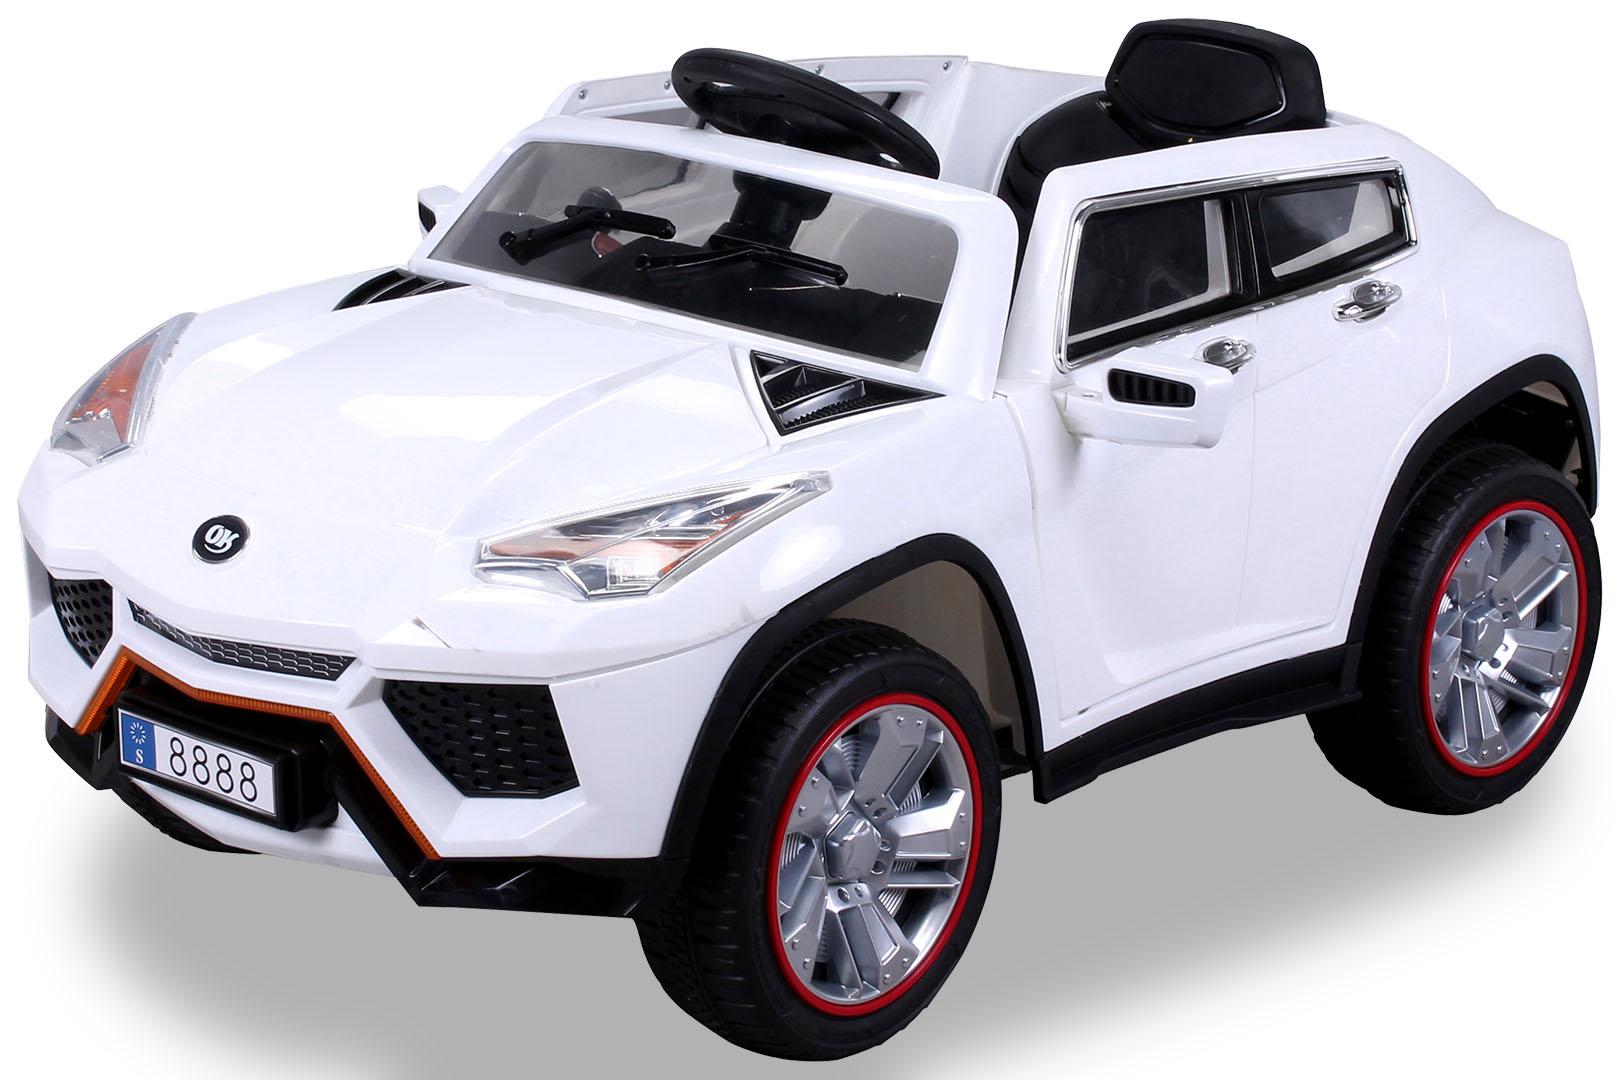 kinder elektroauto lambo utus288 kinderauto kinderfahrzeug. Black Bedroom Furniture Sets. Home Design Ideas